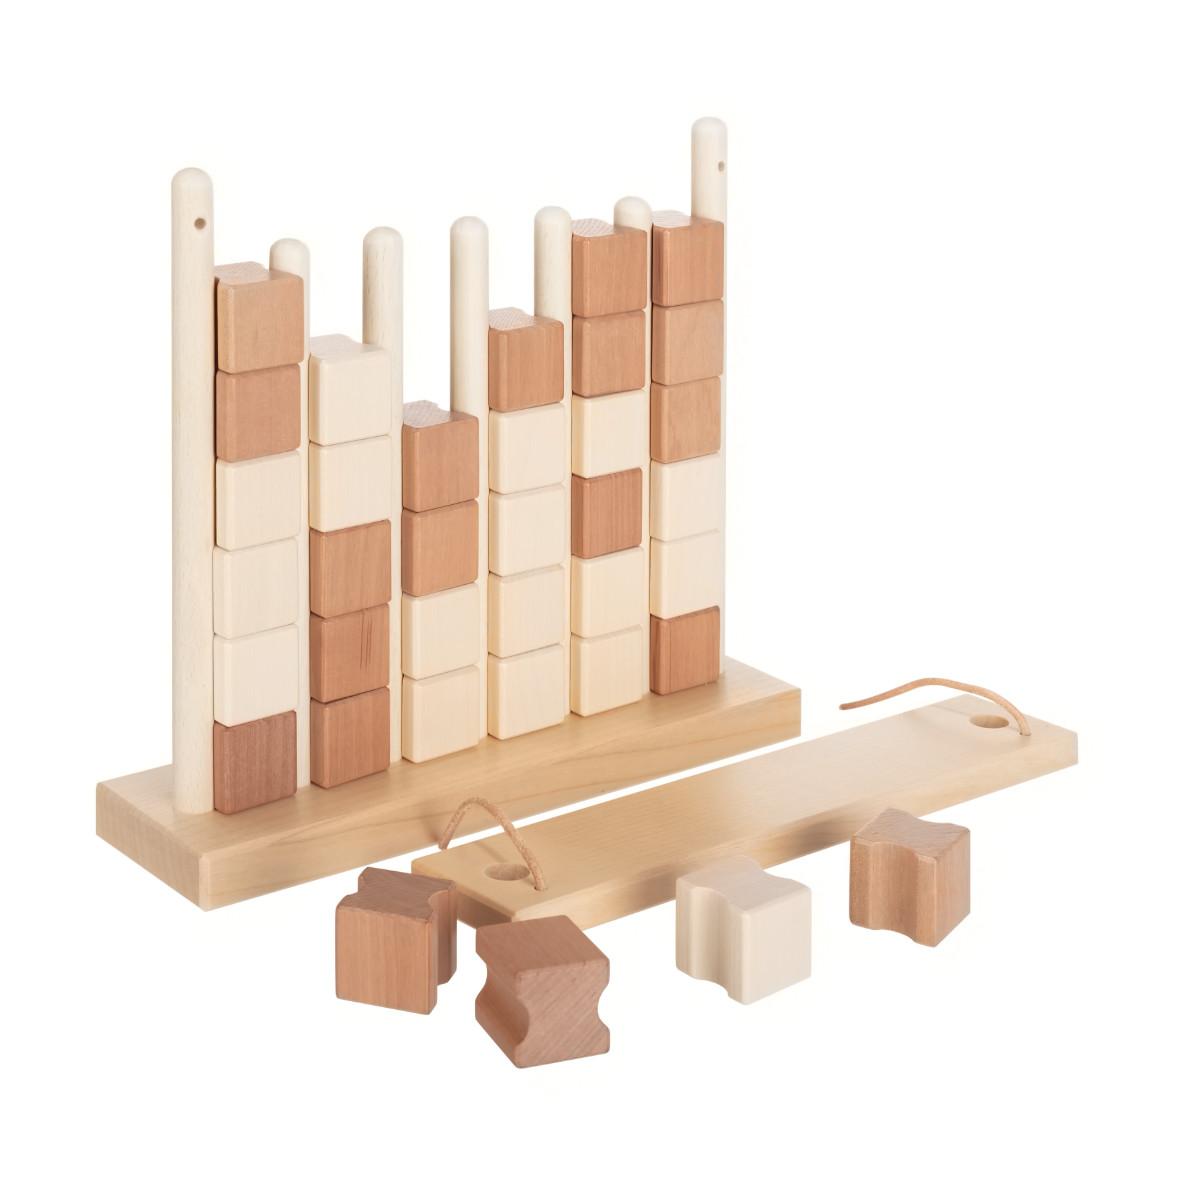 Vier-Gewinnt aus Holz von Ahorn Holz und Spiel, braun